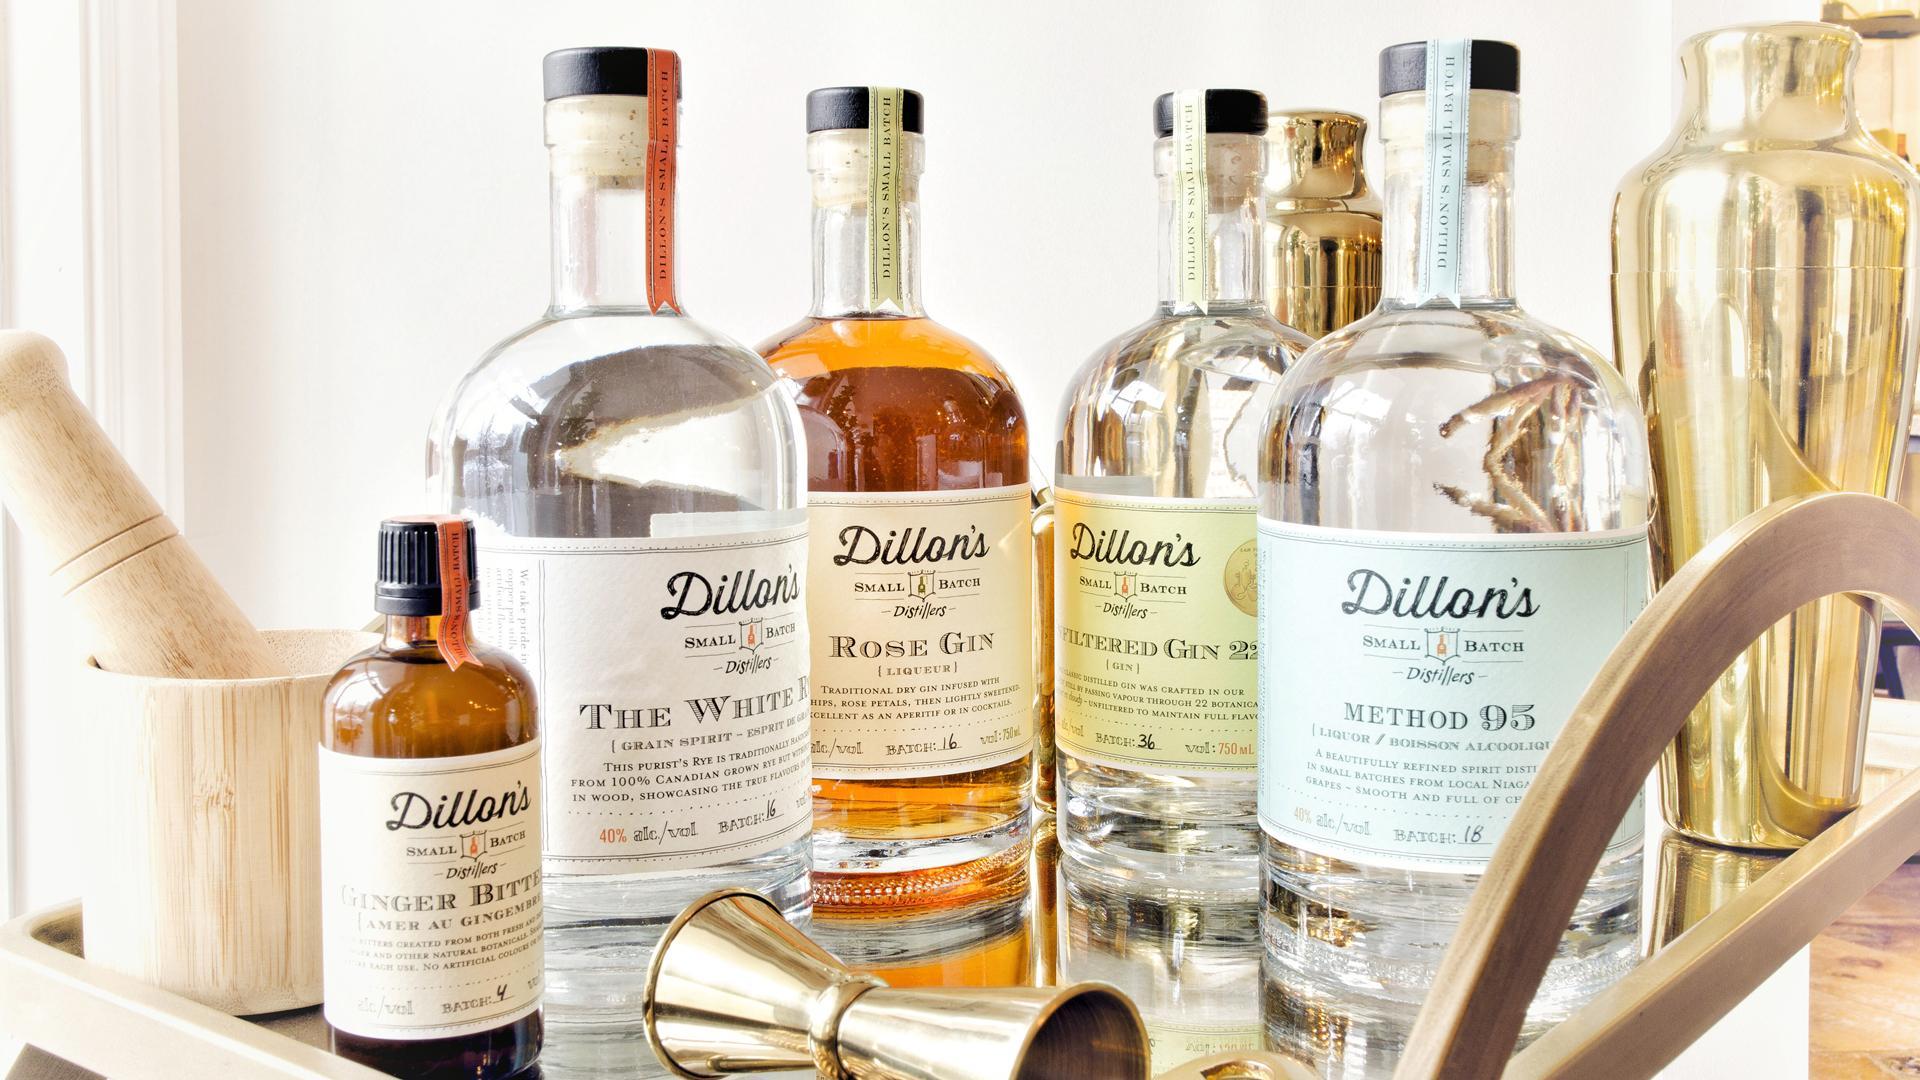 Ontario distilleries   A range of spirits from Dillon's